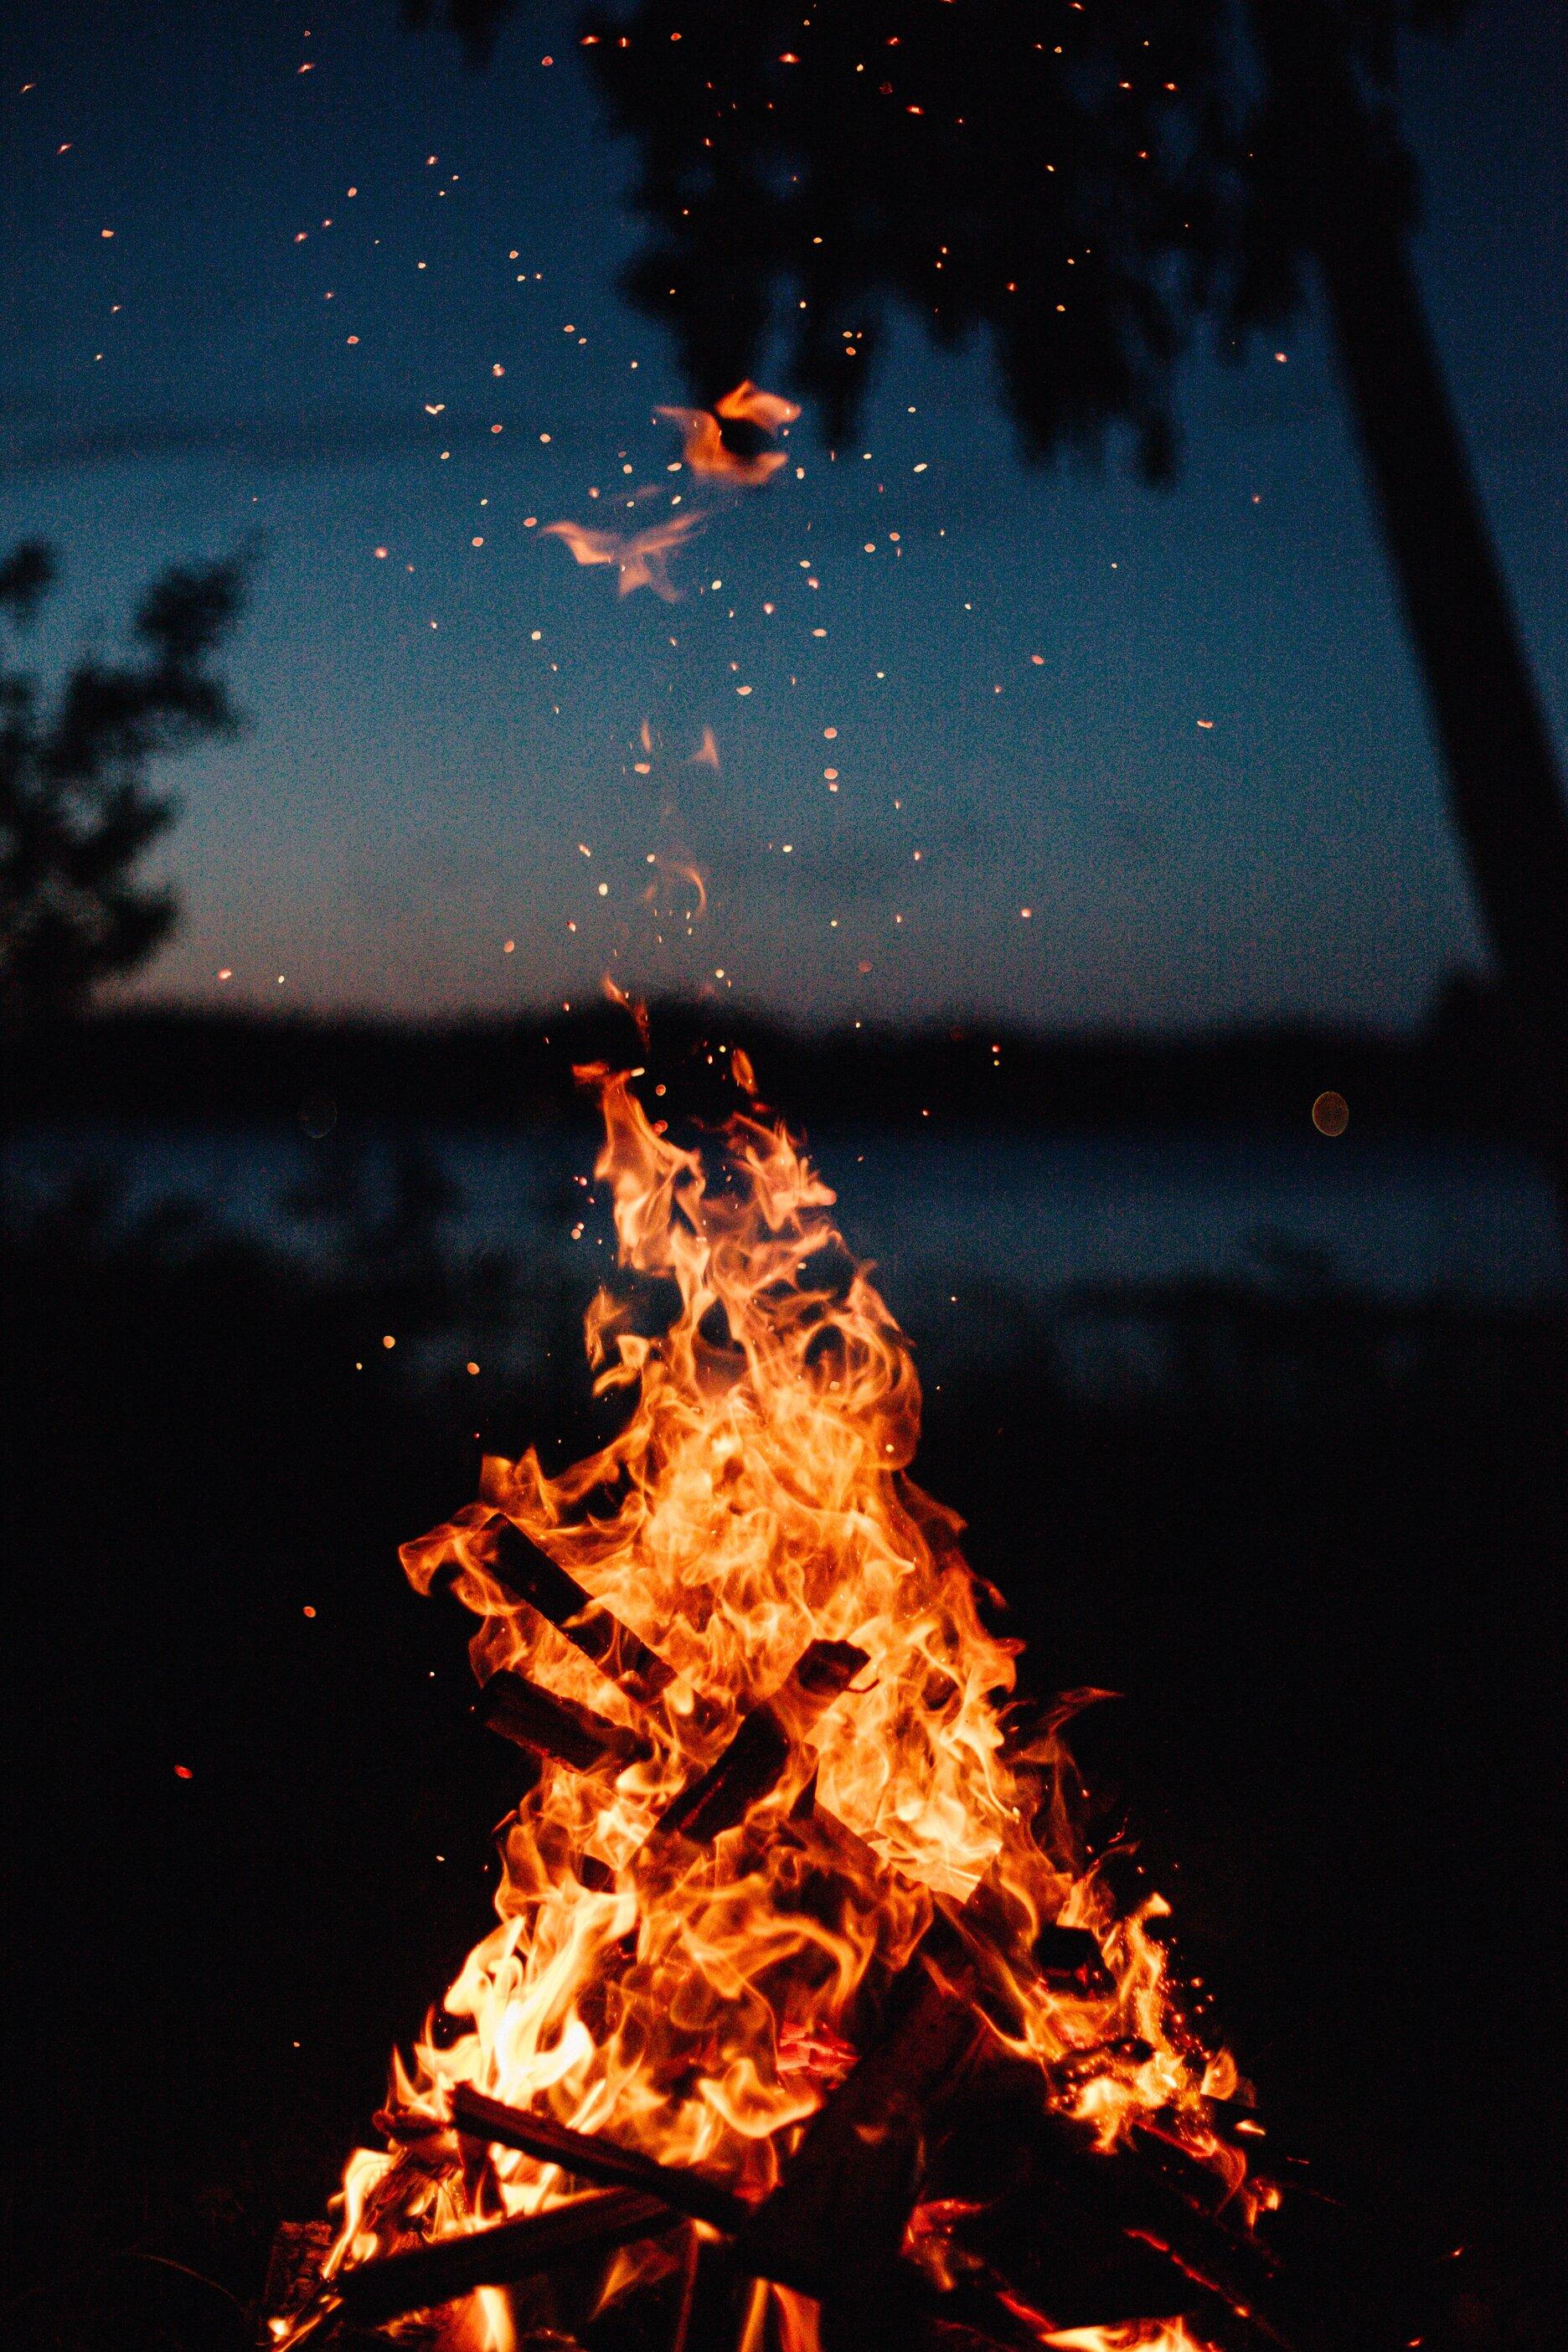 cung hoàng đạo ngọn lửa đang cháy